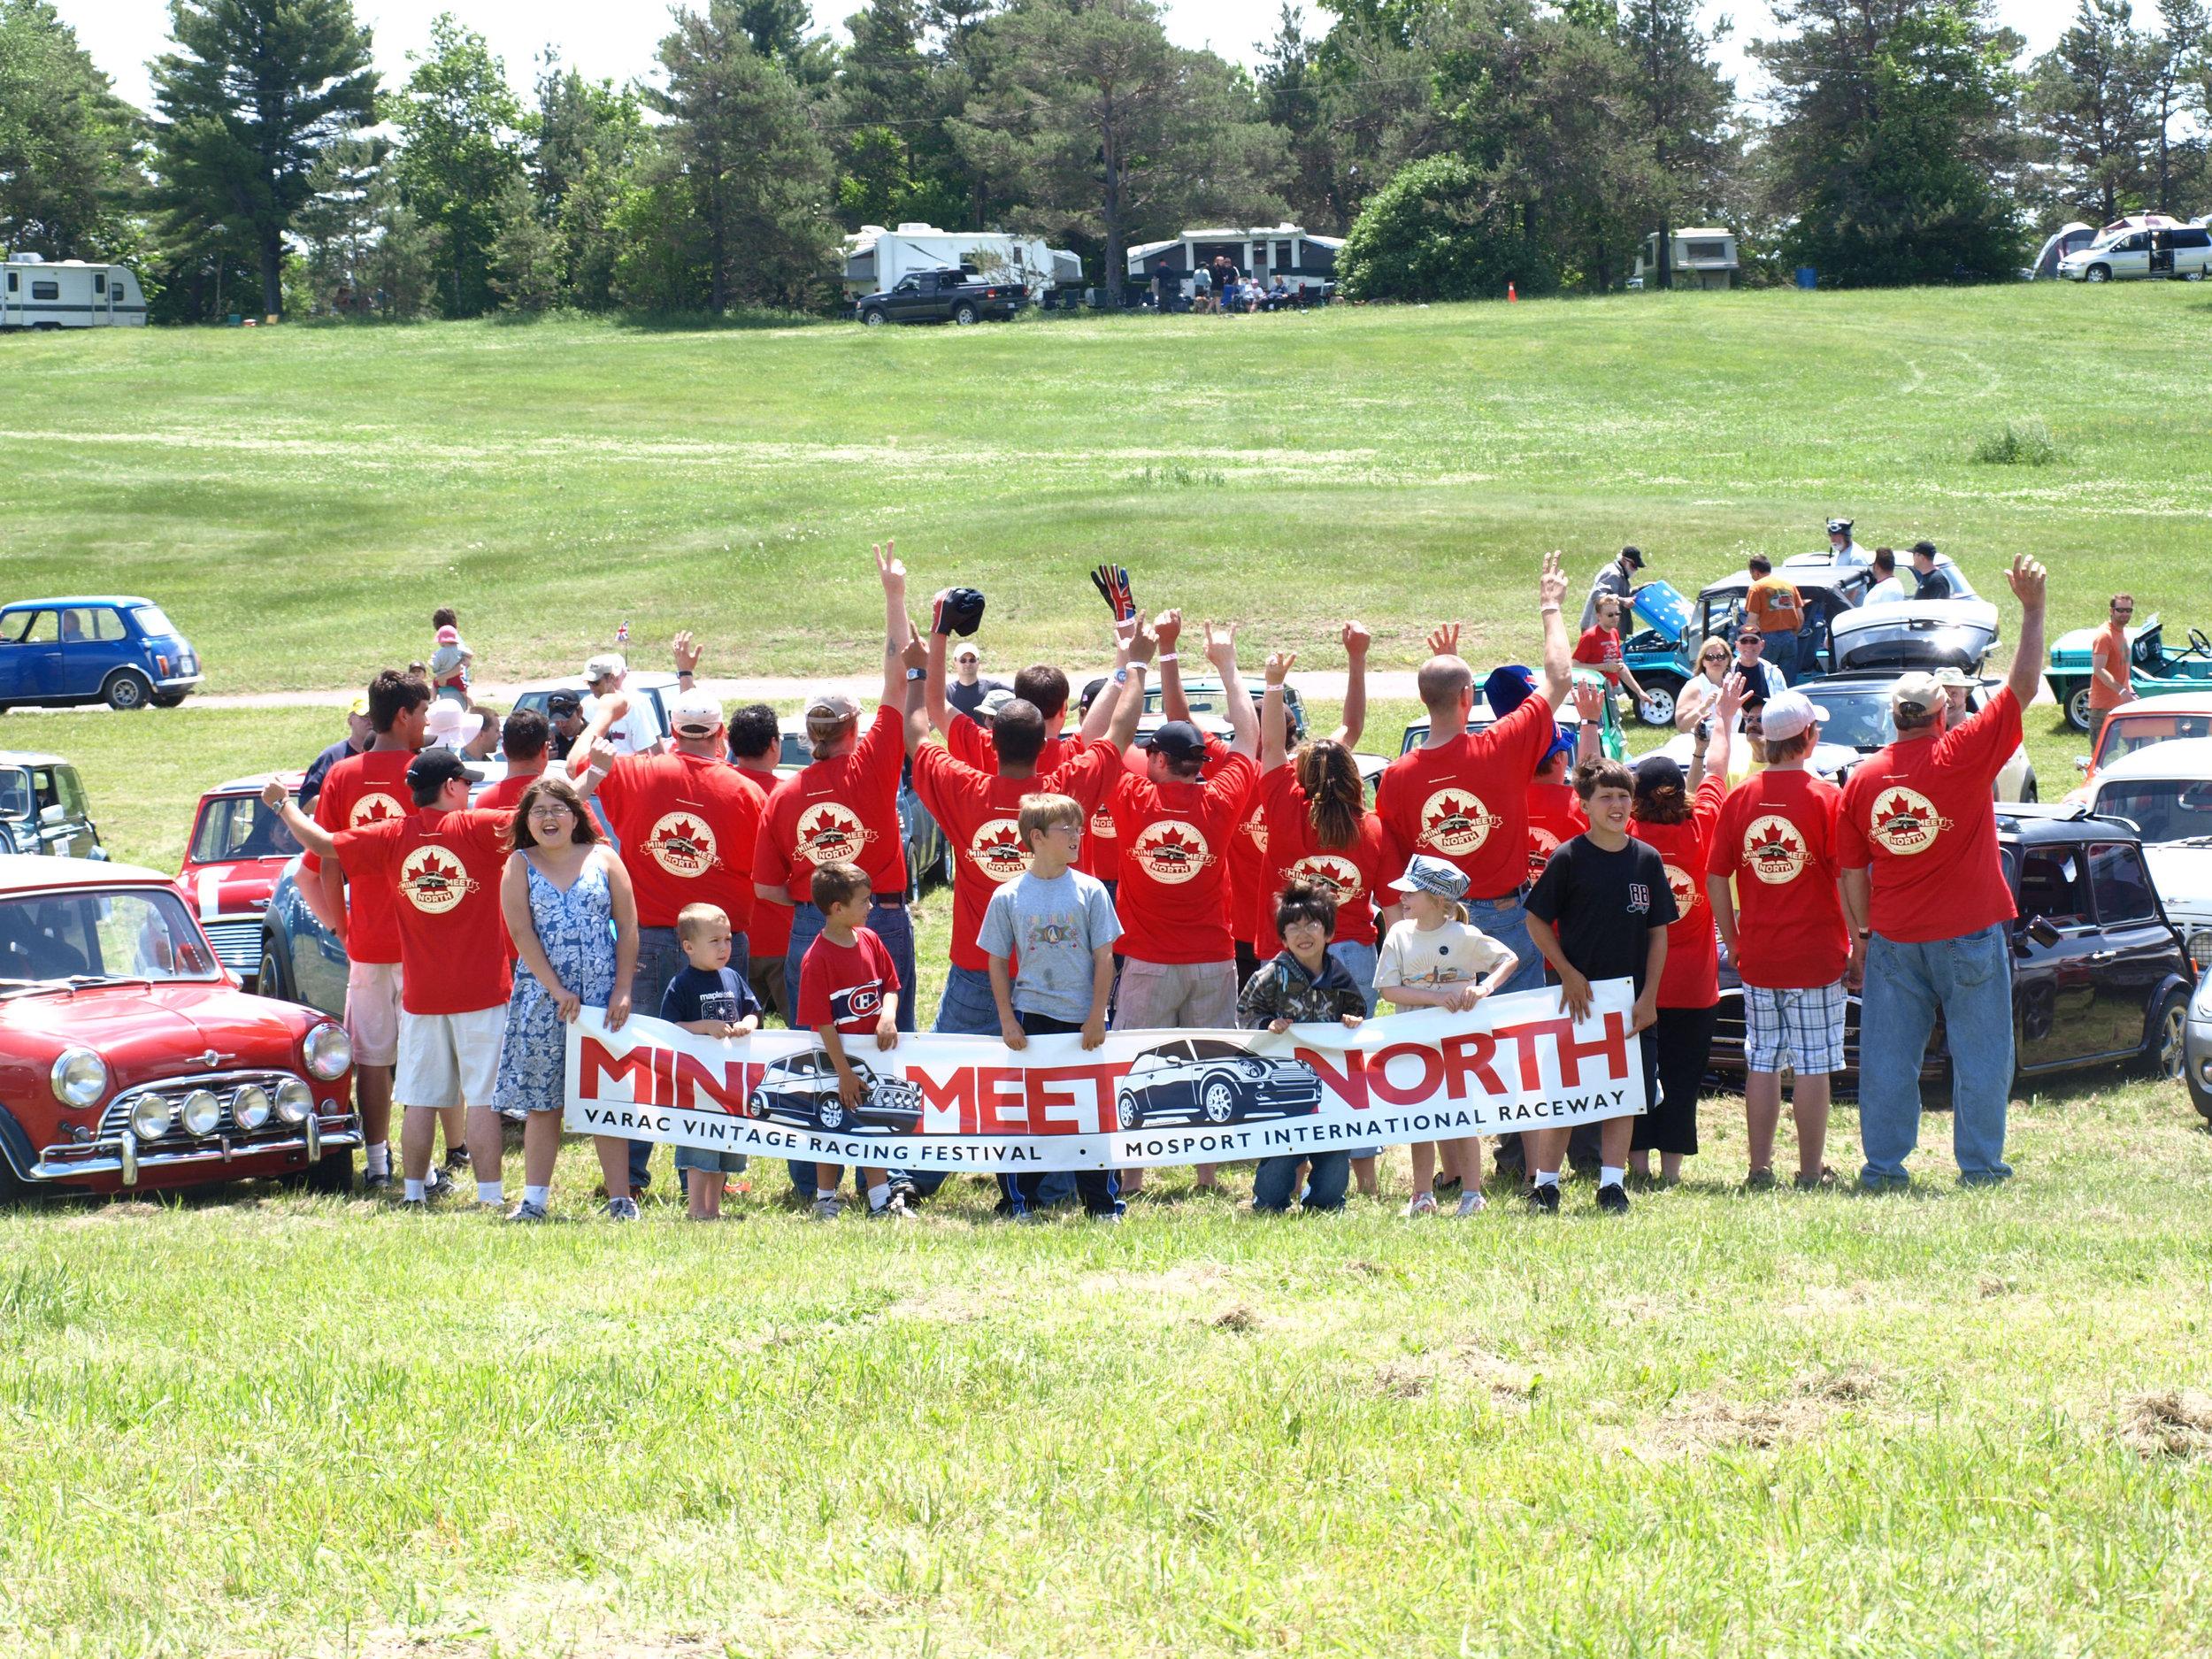 Mini Meet North.jpg